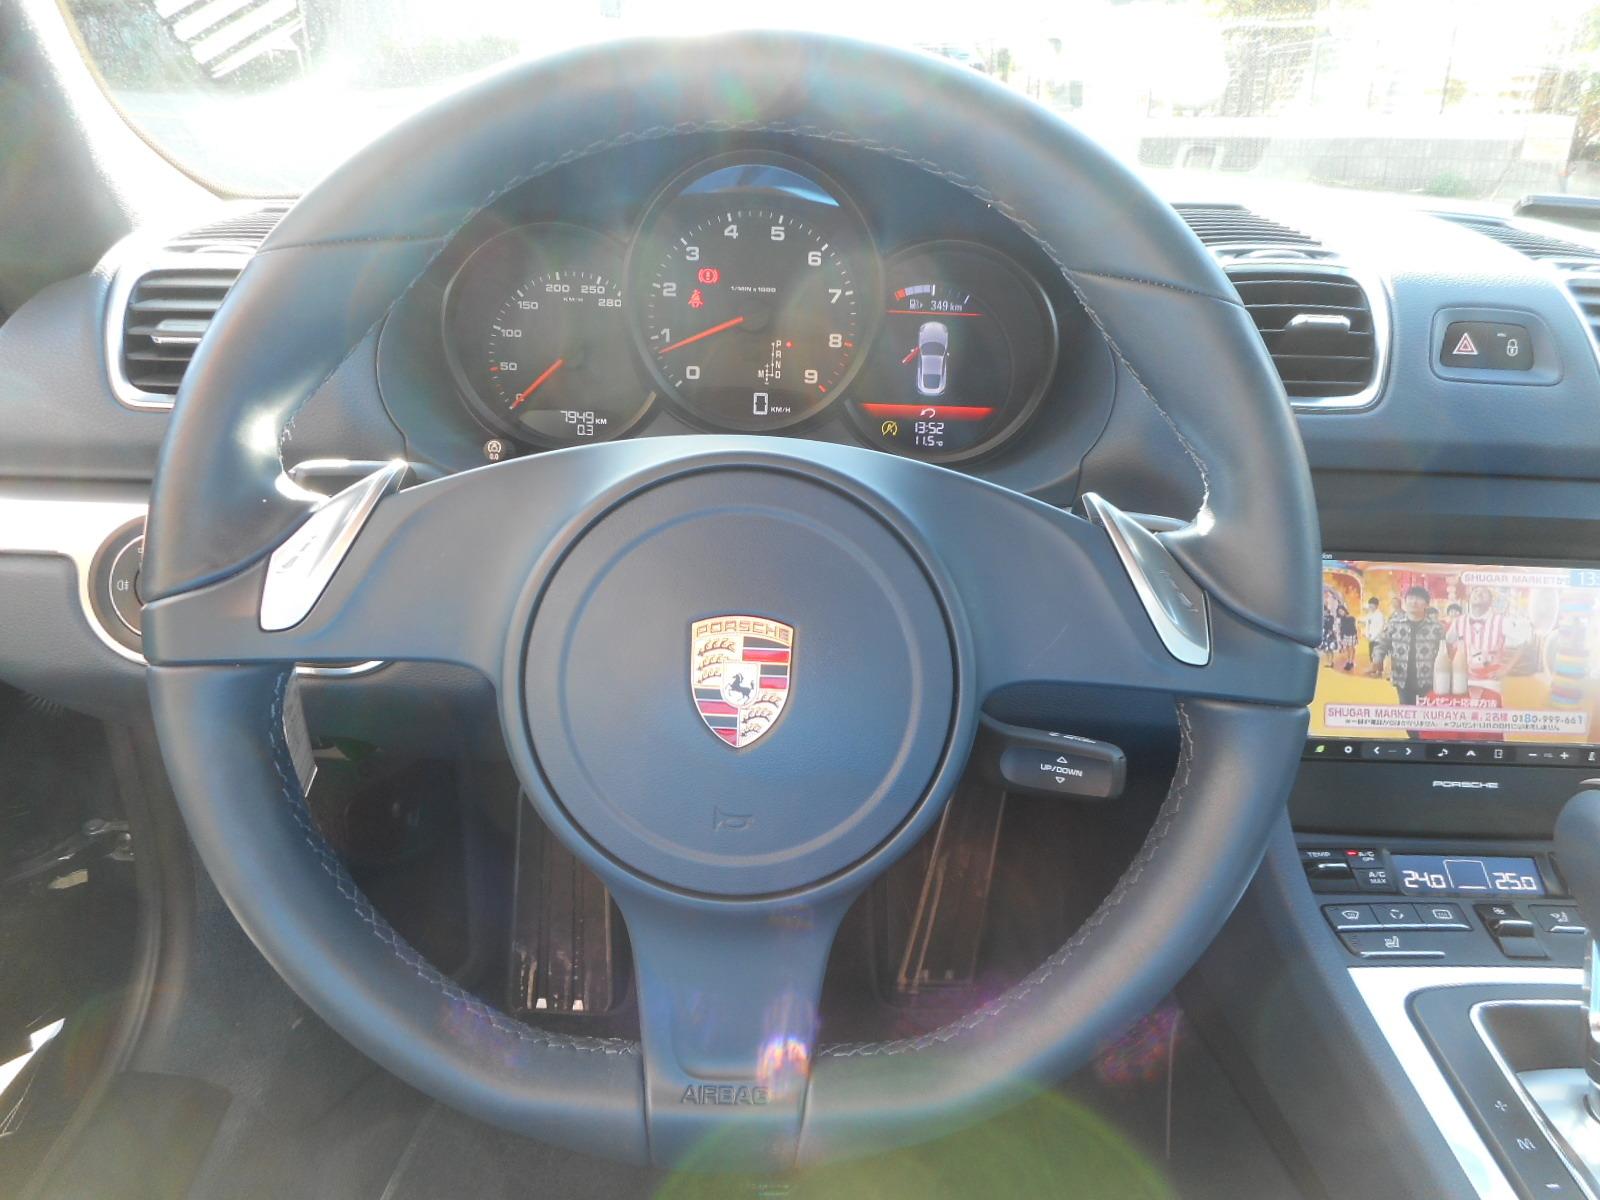 広告掲載車 ポルシェ ケイマンPDK_c0267693_17370229.jpg